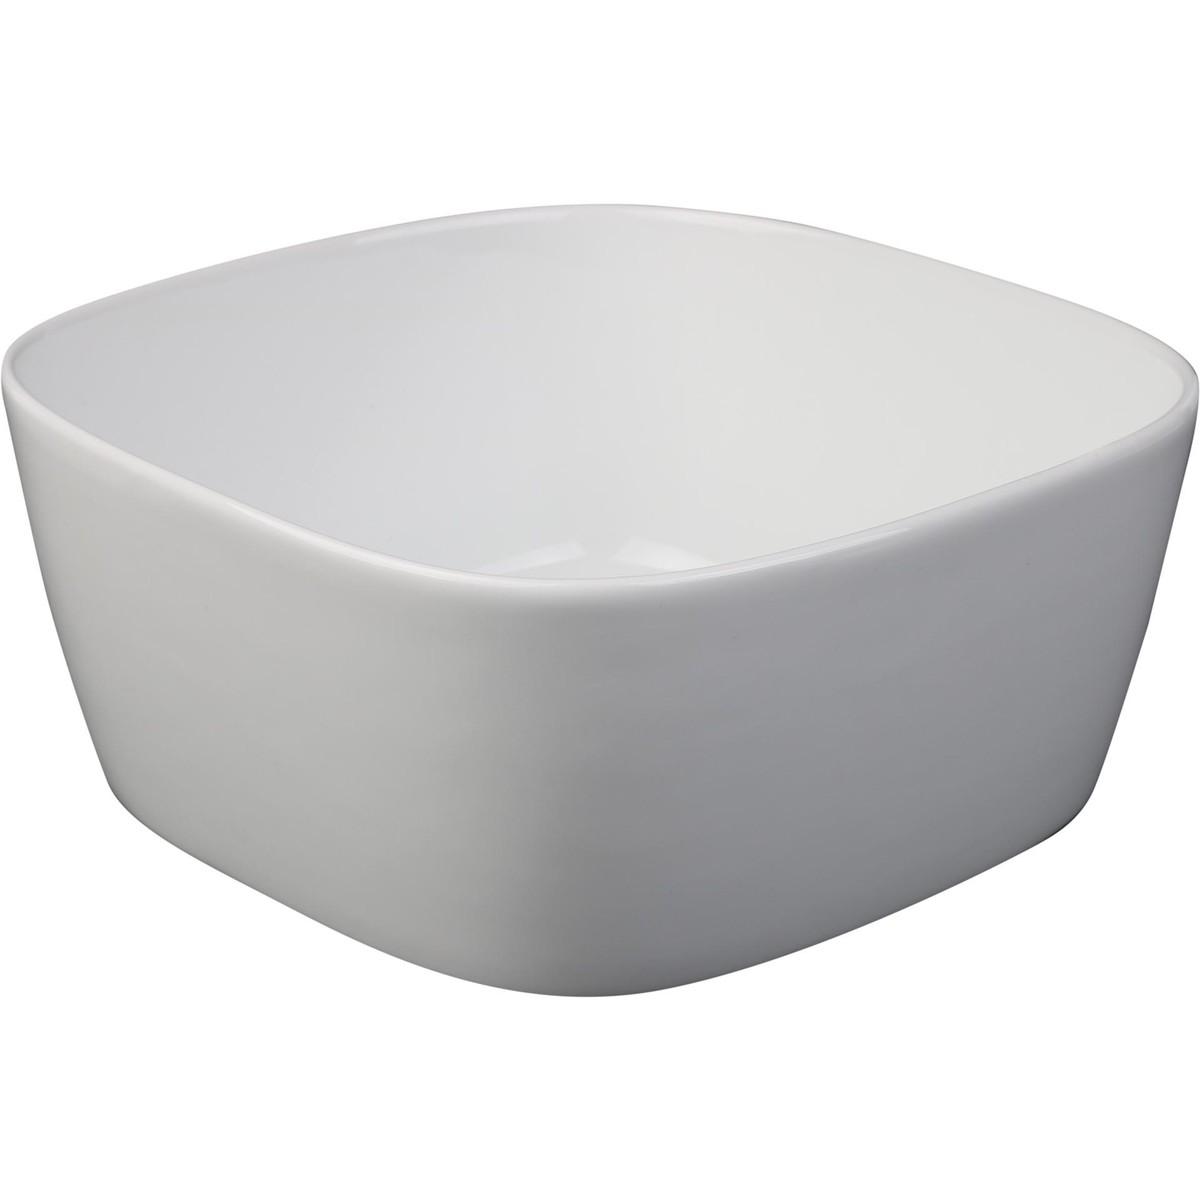 """Porzellanserie """"Skagen"""" High Alumina  Schale 25,5 cm, weiß"""